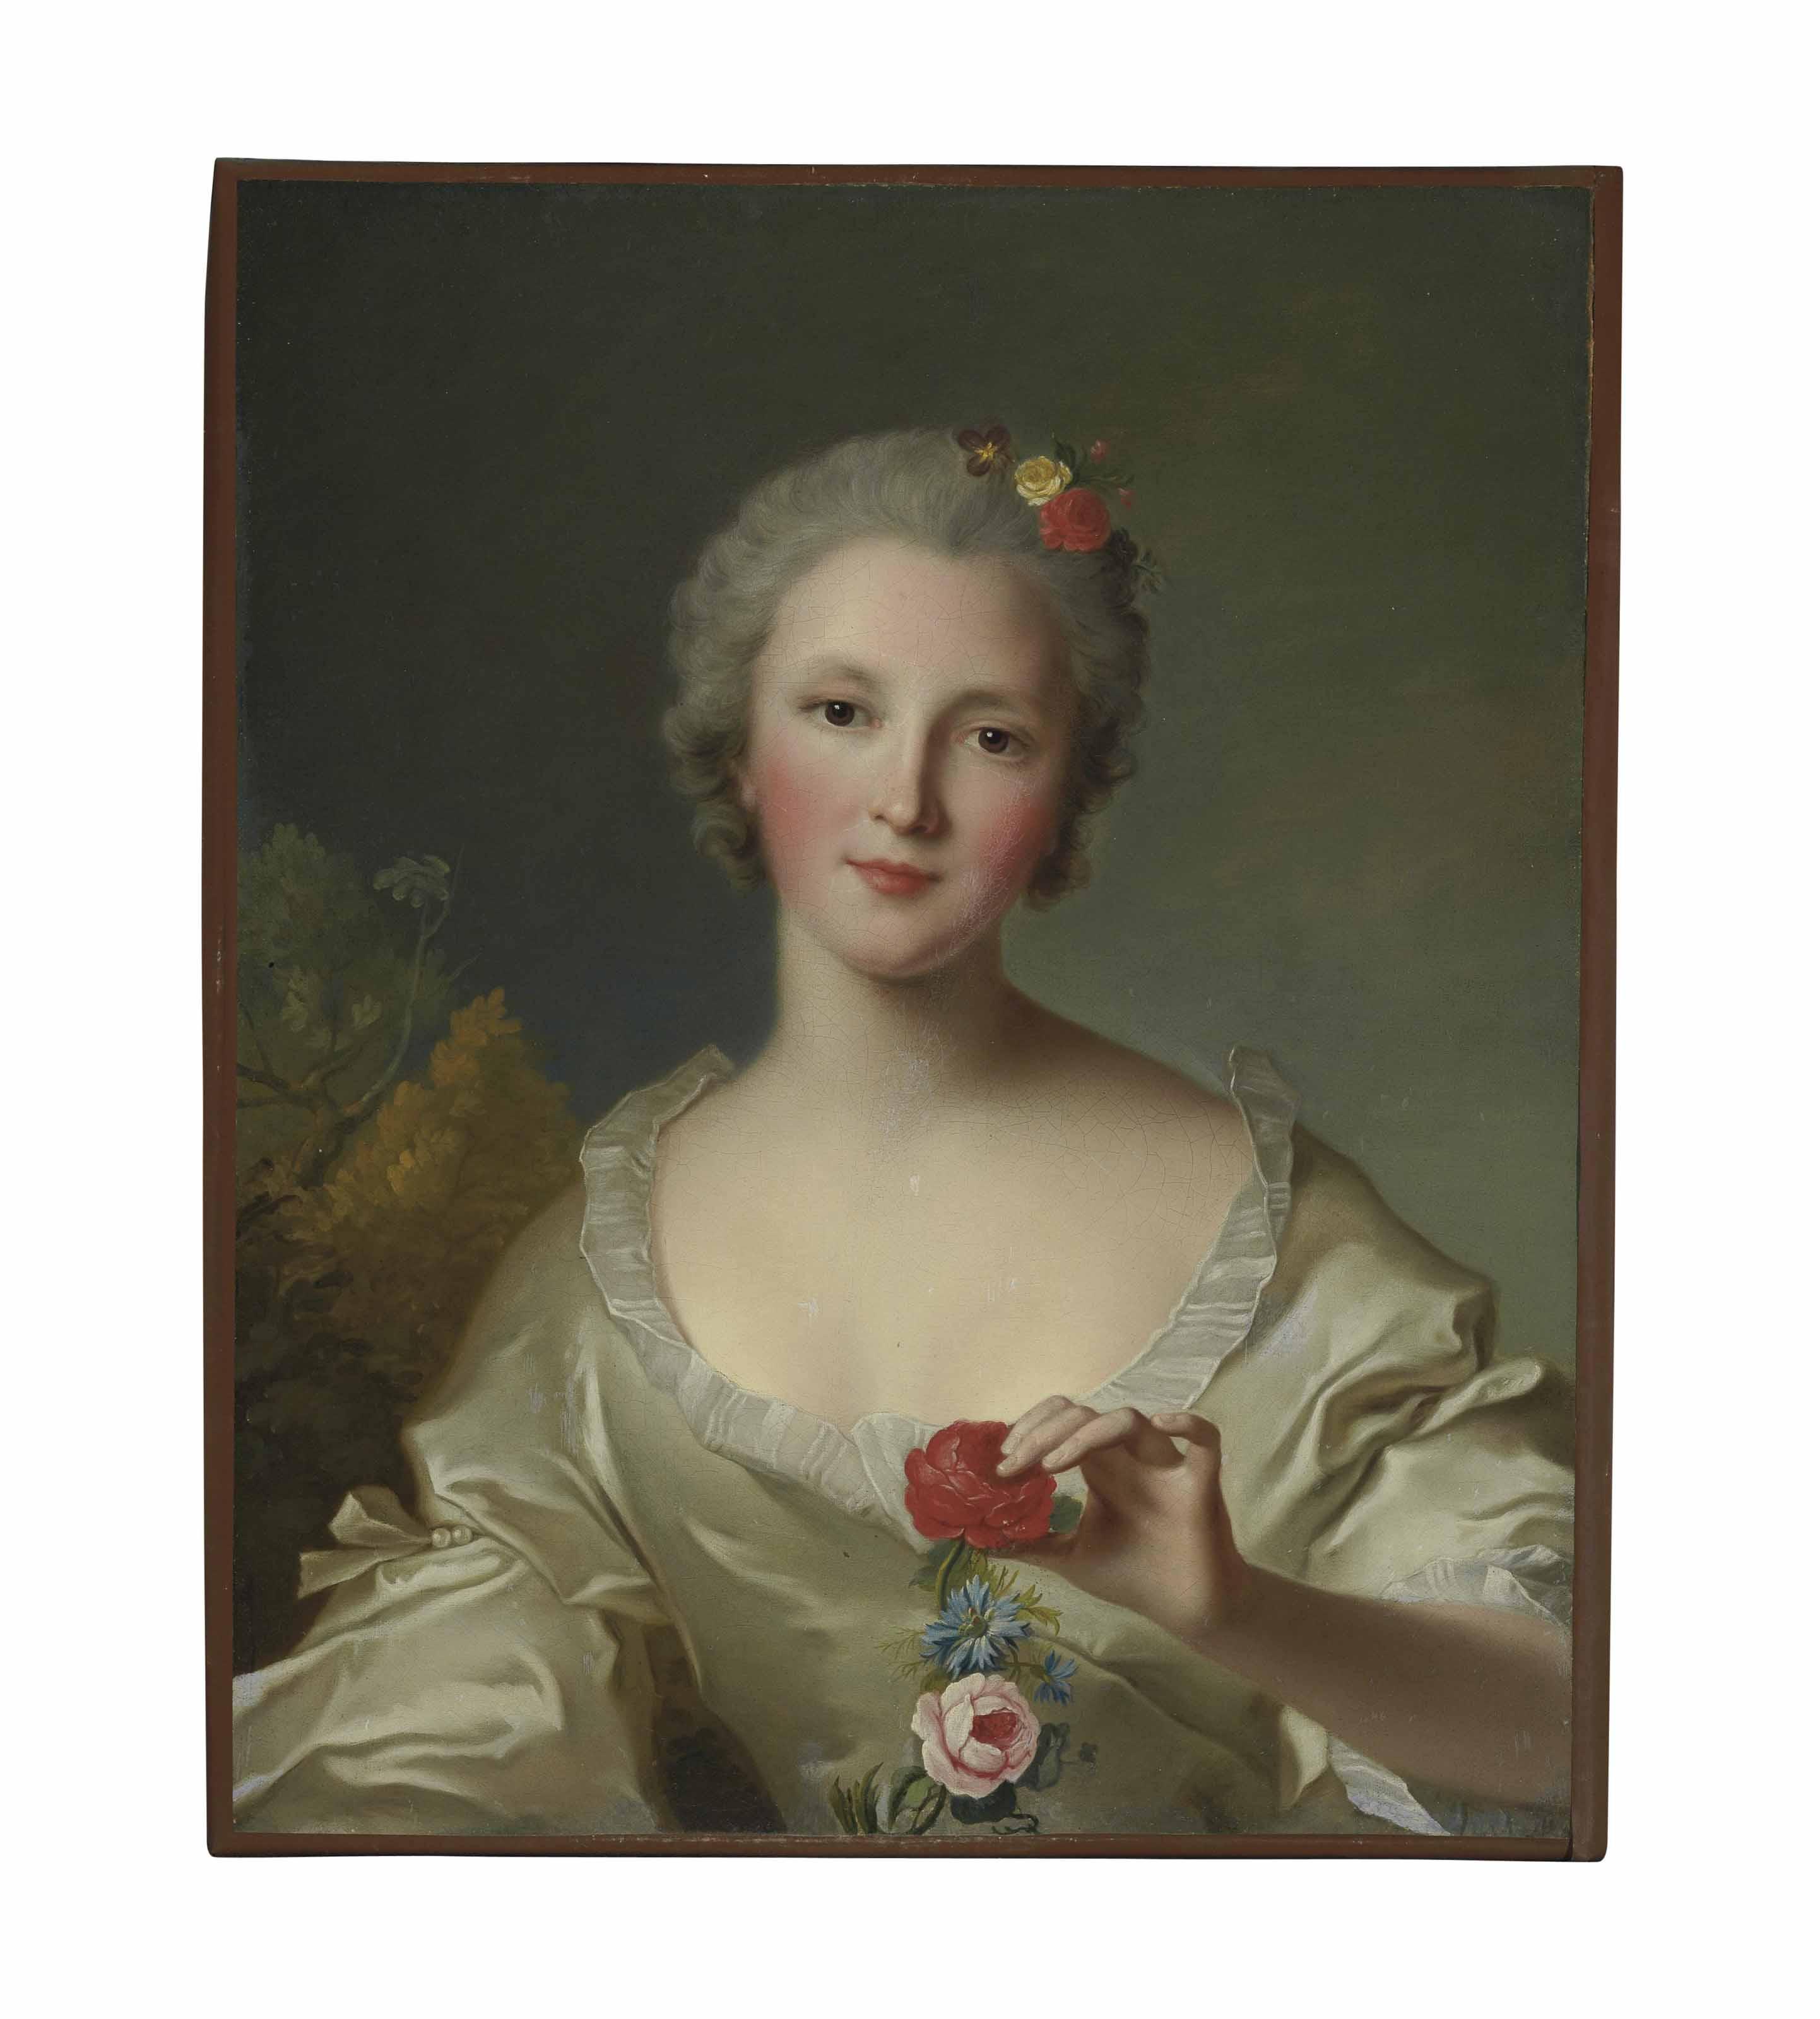 Portrait of Marguerite-Françoise-Bernard de Reims, Madame Dupleix de Bacquencourt, bust-length